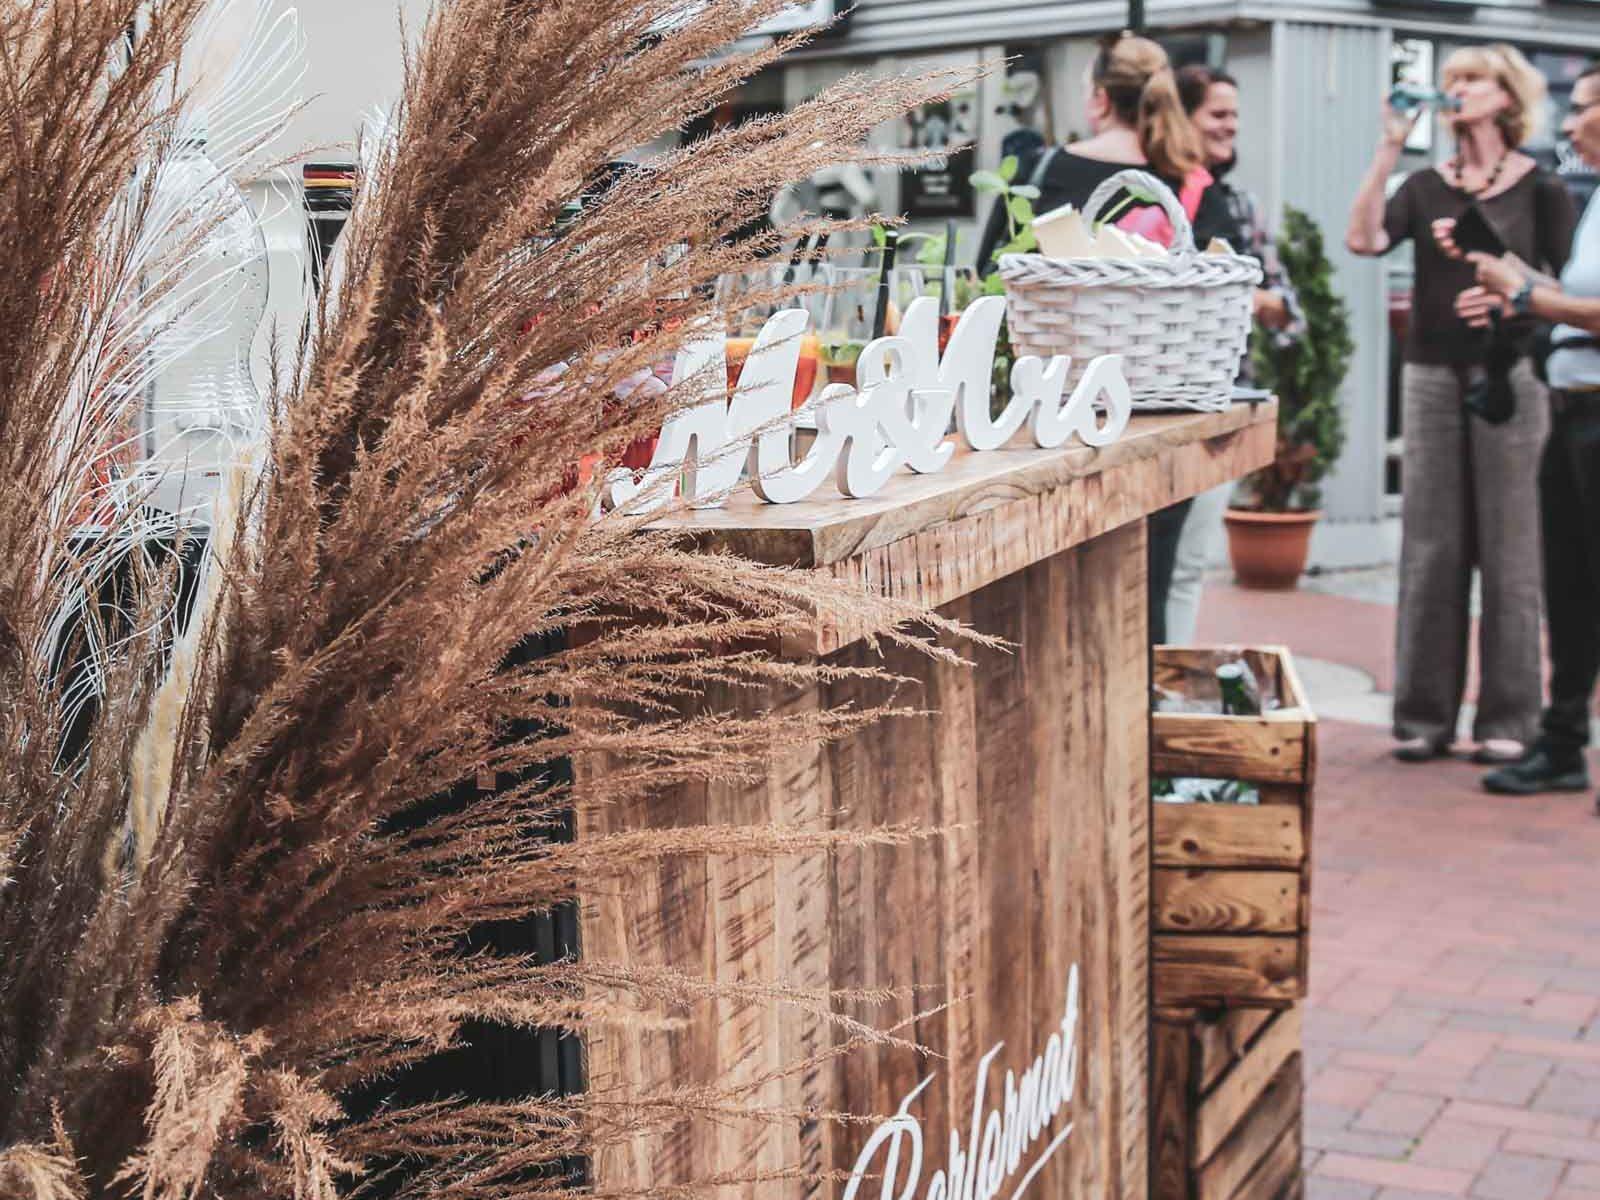 Mobile | Cocktailbar | Hochzeit | Sektempfang | Barkeeper | Buchen | Mieten | Geburtstag | VW | Bar | Ape | Getränke | Foodtruck | Catering | Weinbar | Ginbar | Sektbar